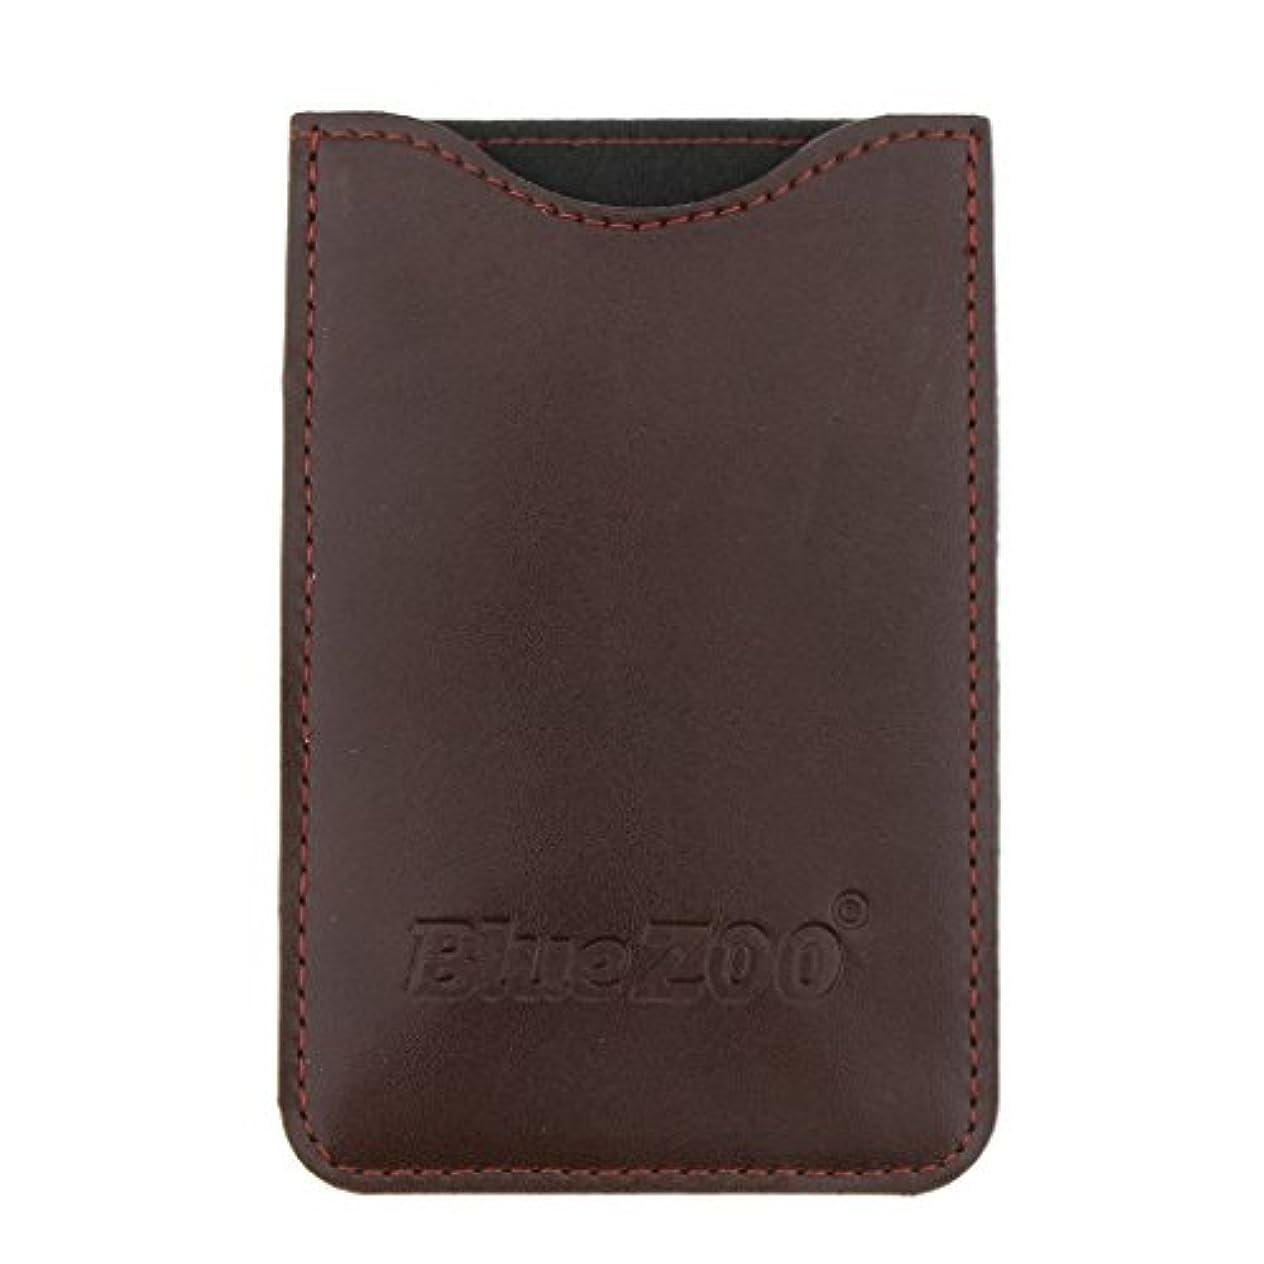 すでにダーリンエンドウ木製のポケットヒゲの櫛の保護収納ポーチ、小さな櫛PUレザーケース - 褐色